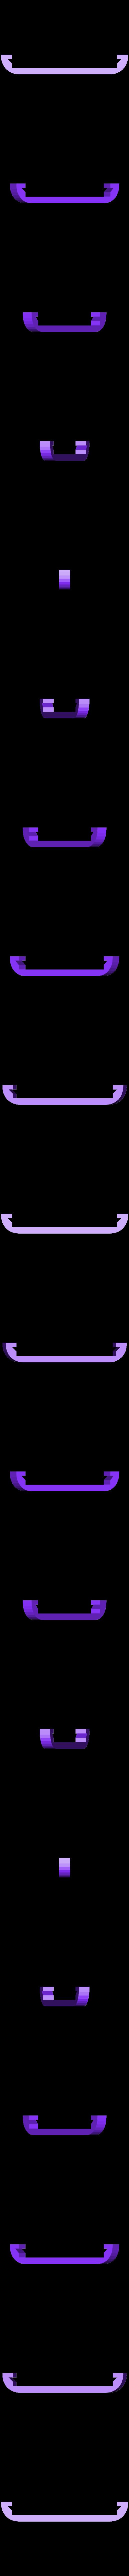 pince femelle.obj Télécharger fichier OBJ gratuit Bloque ceinture • Design à imprimer en 3D, baretourscl